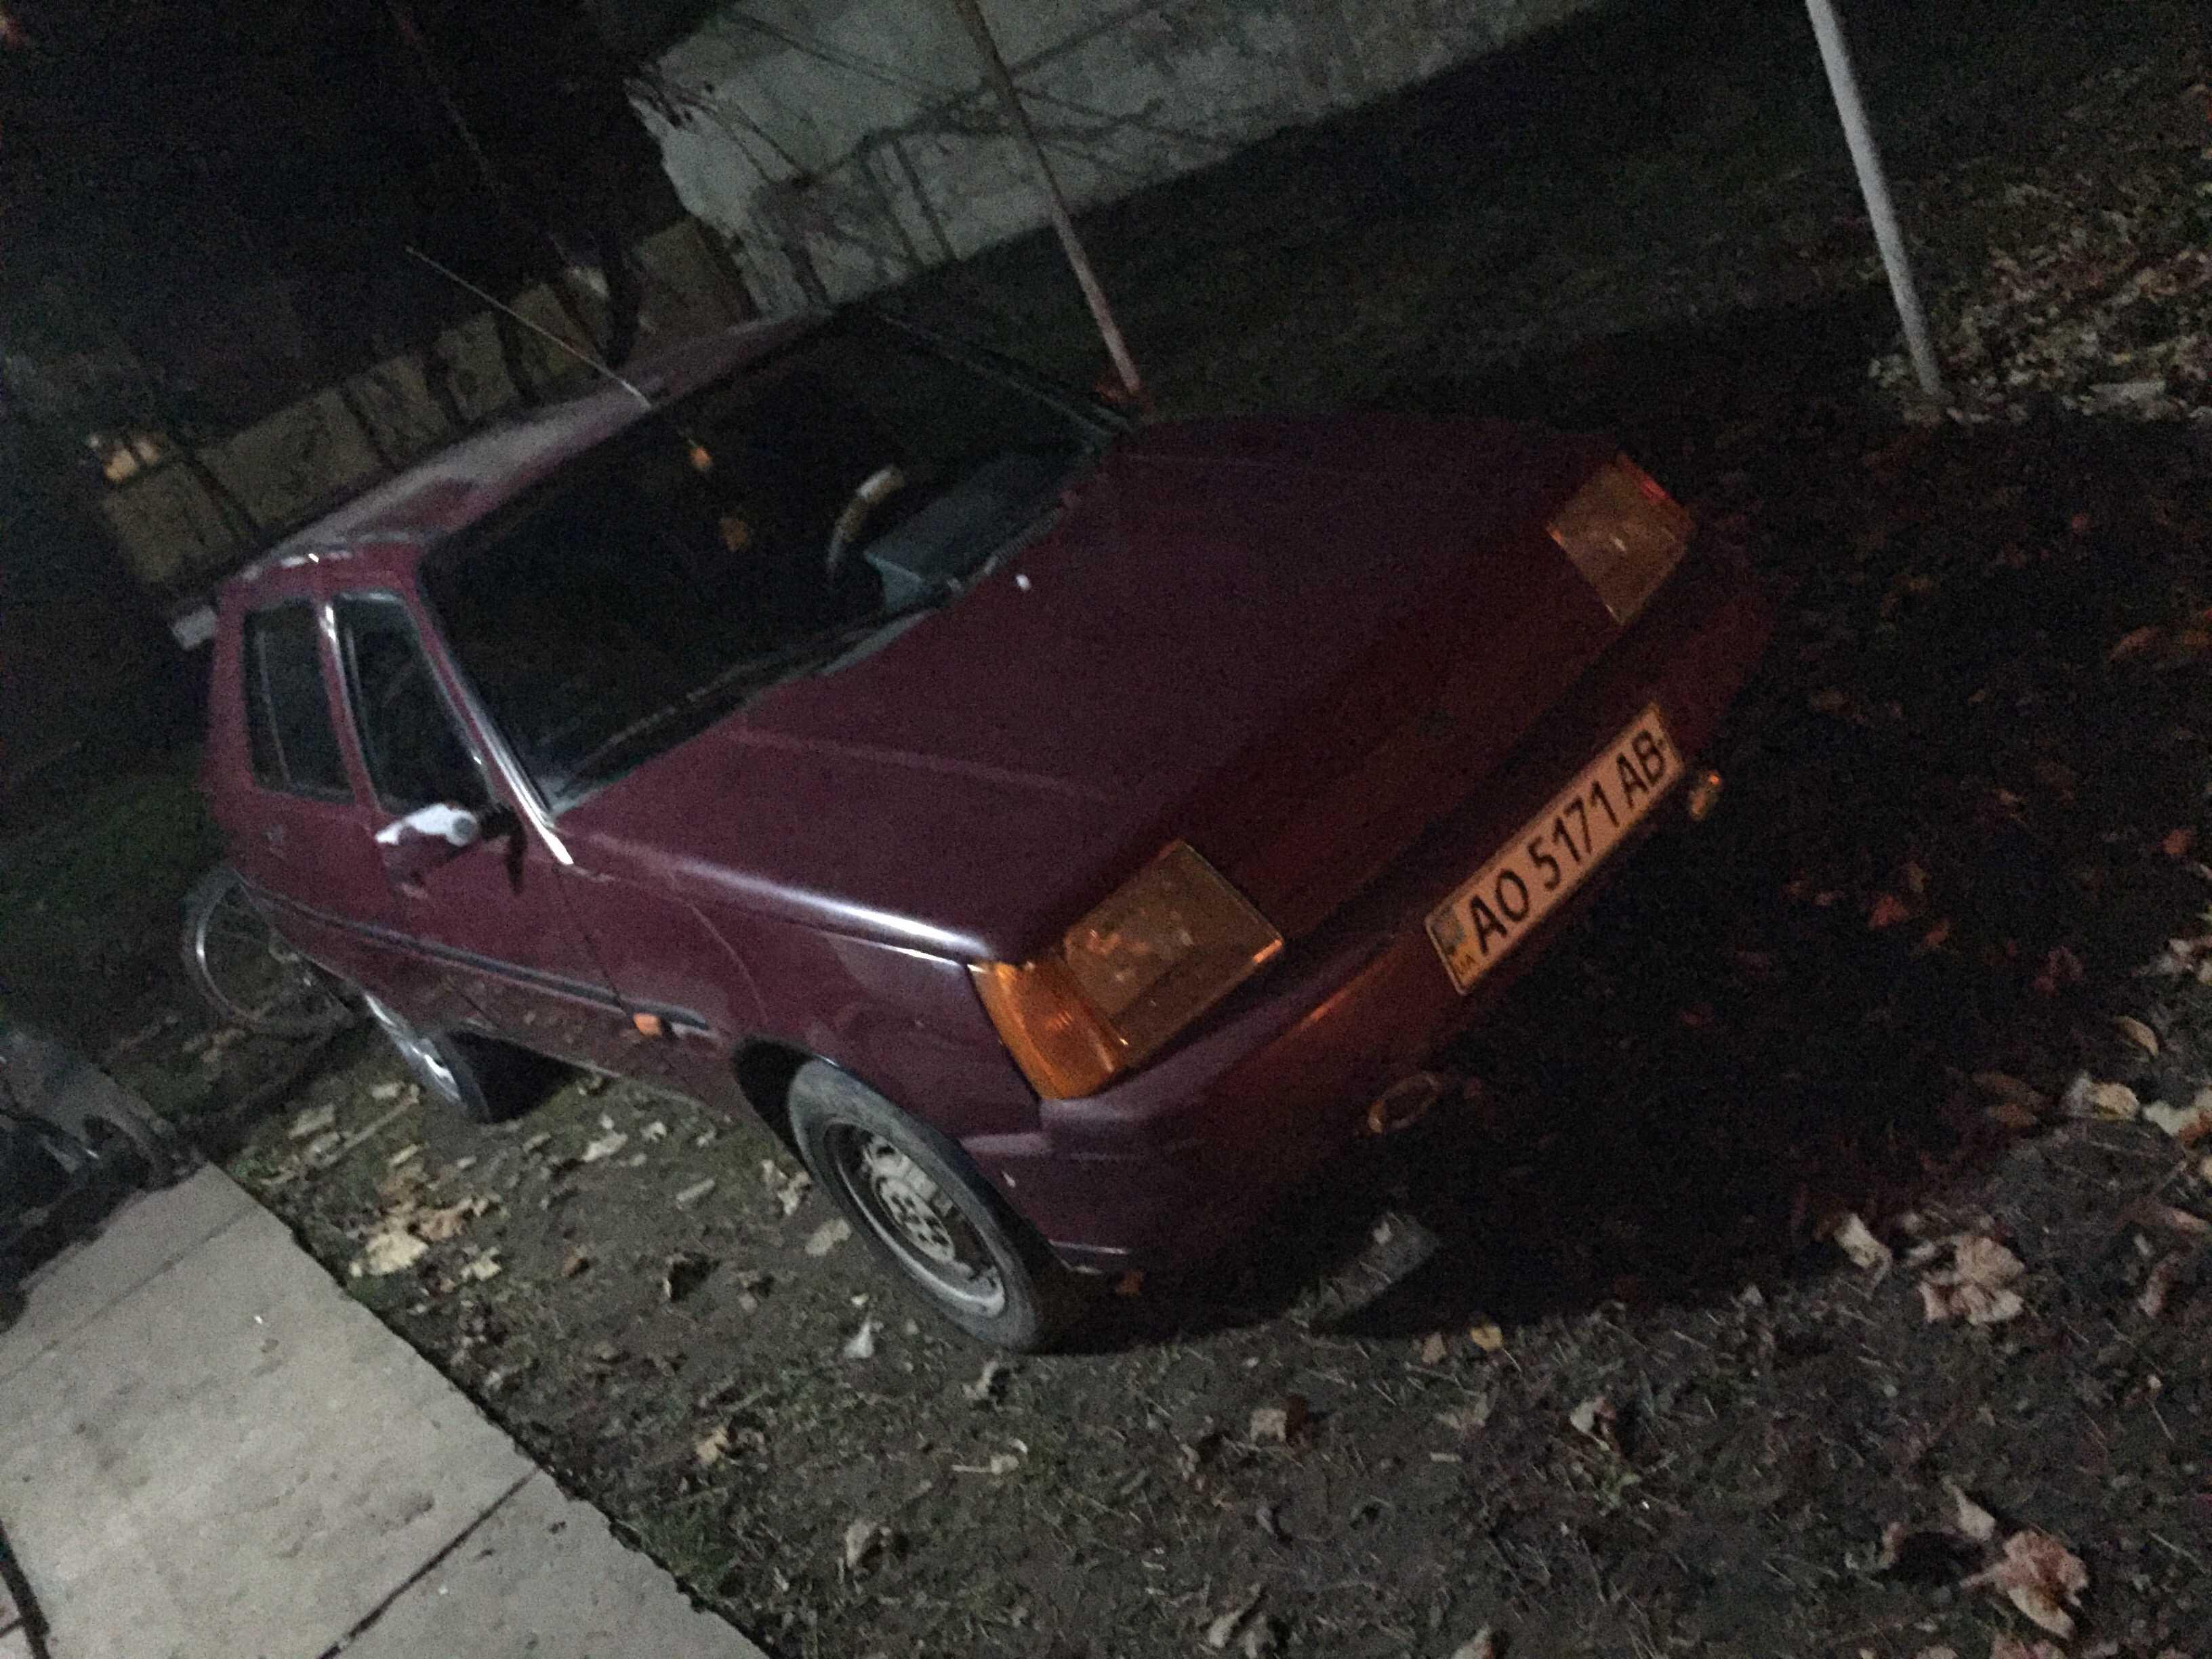 Продаж авто ЗАЗ 1103 2005 р. Бензин  ціна $ 1000 у м. Мука́чево